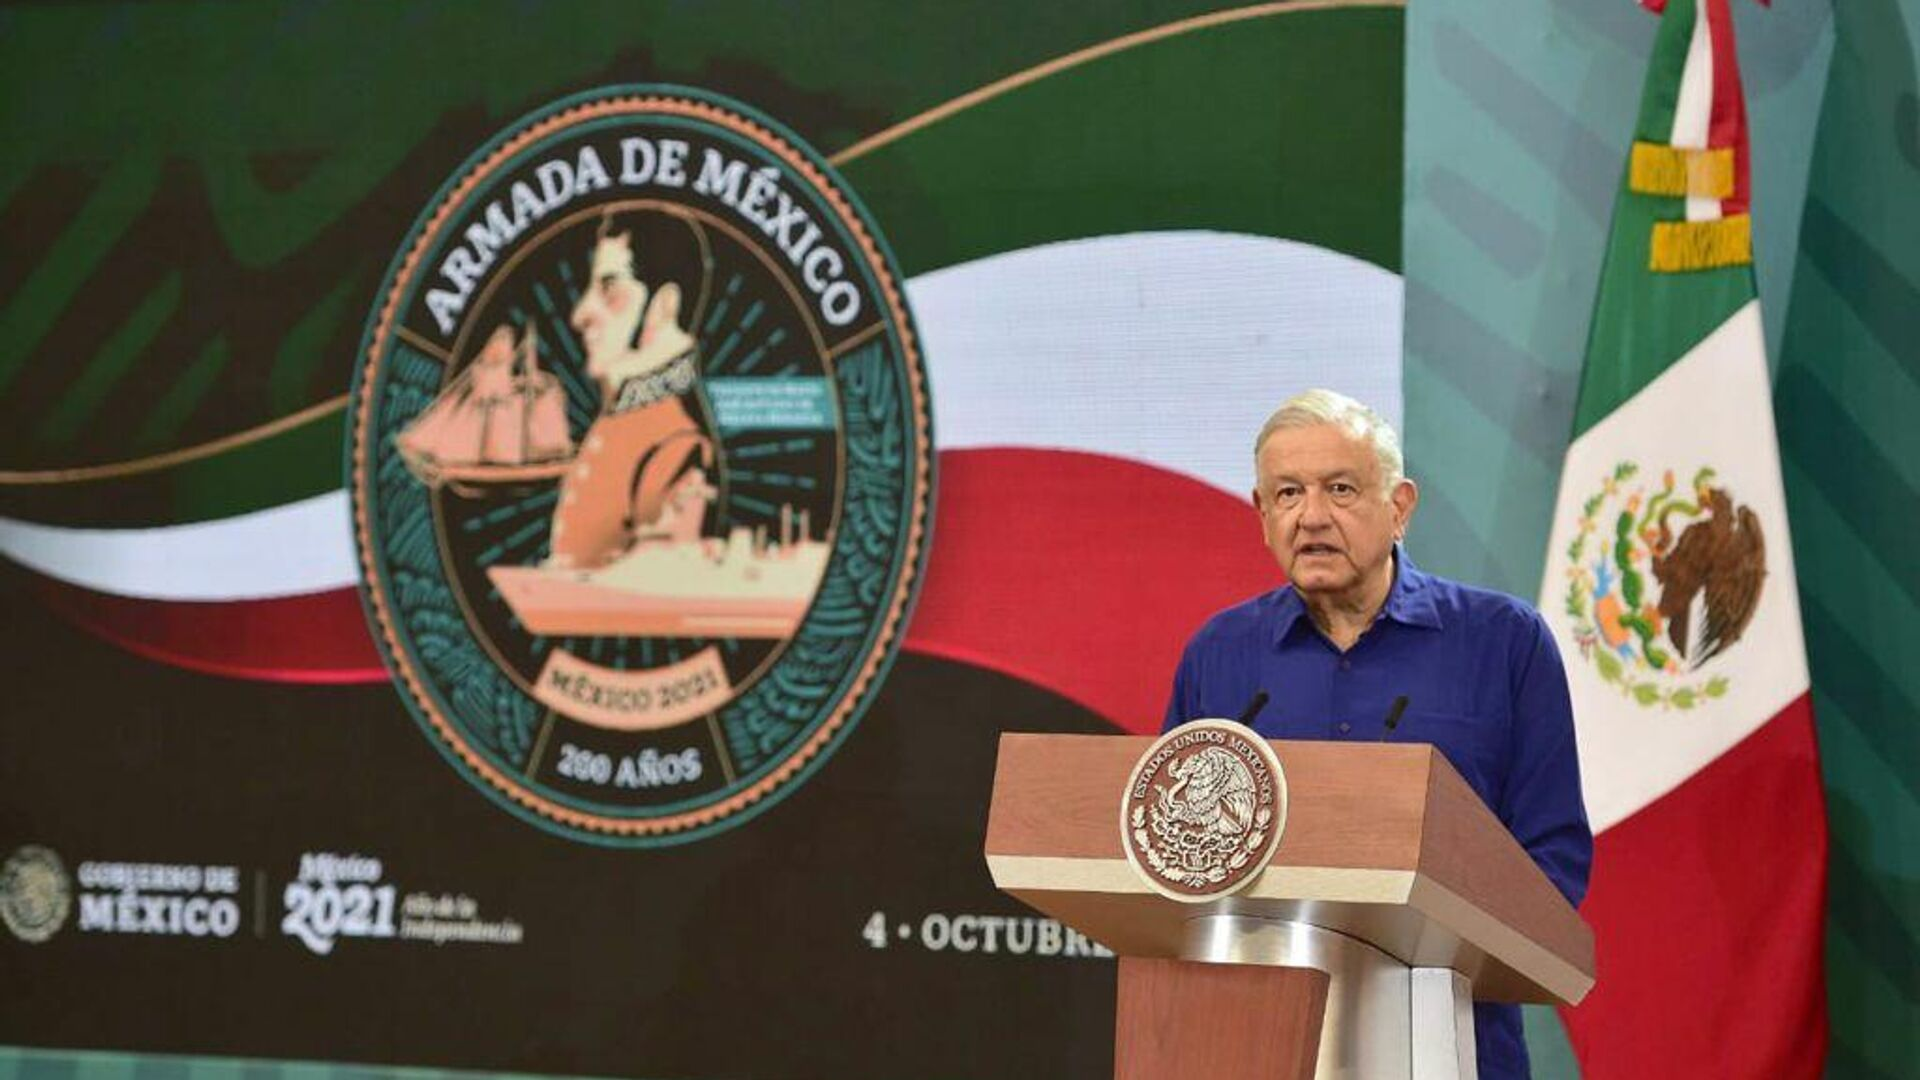 Andrés Manuel López Obrador, presidente de México - Sputnik Mundo, 1920, 04.10.2021